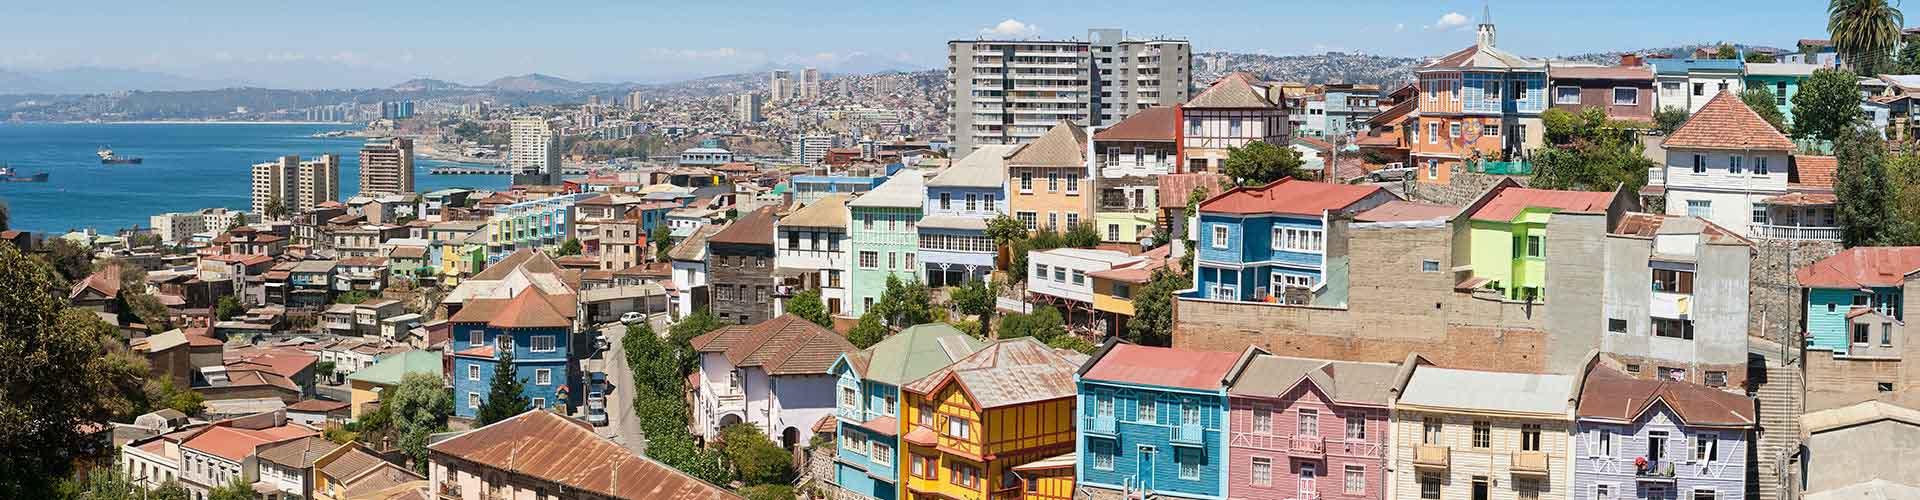 Valparaiso - Hôtels à Valparaiso. Cartes pour Valparaiso, photos et commentaires pour chaque hôtel à Valparaiso.